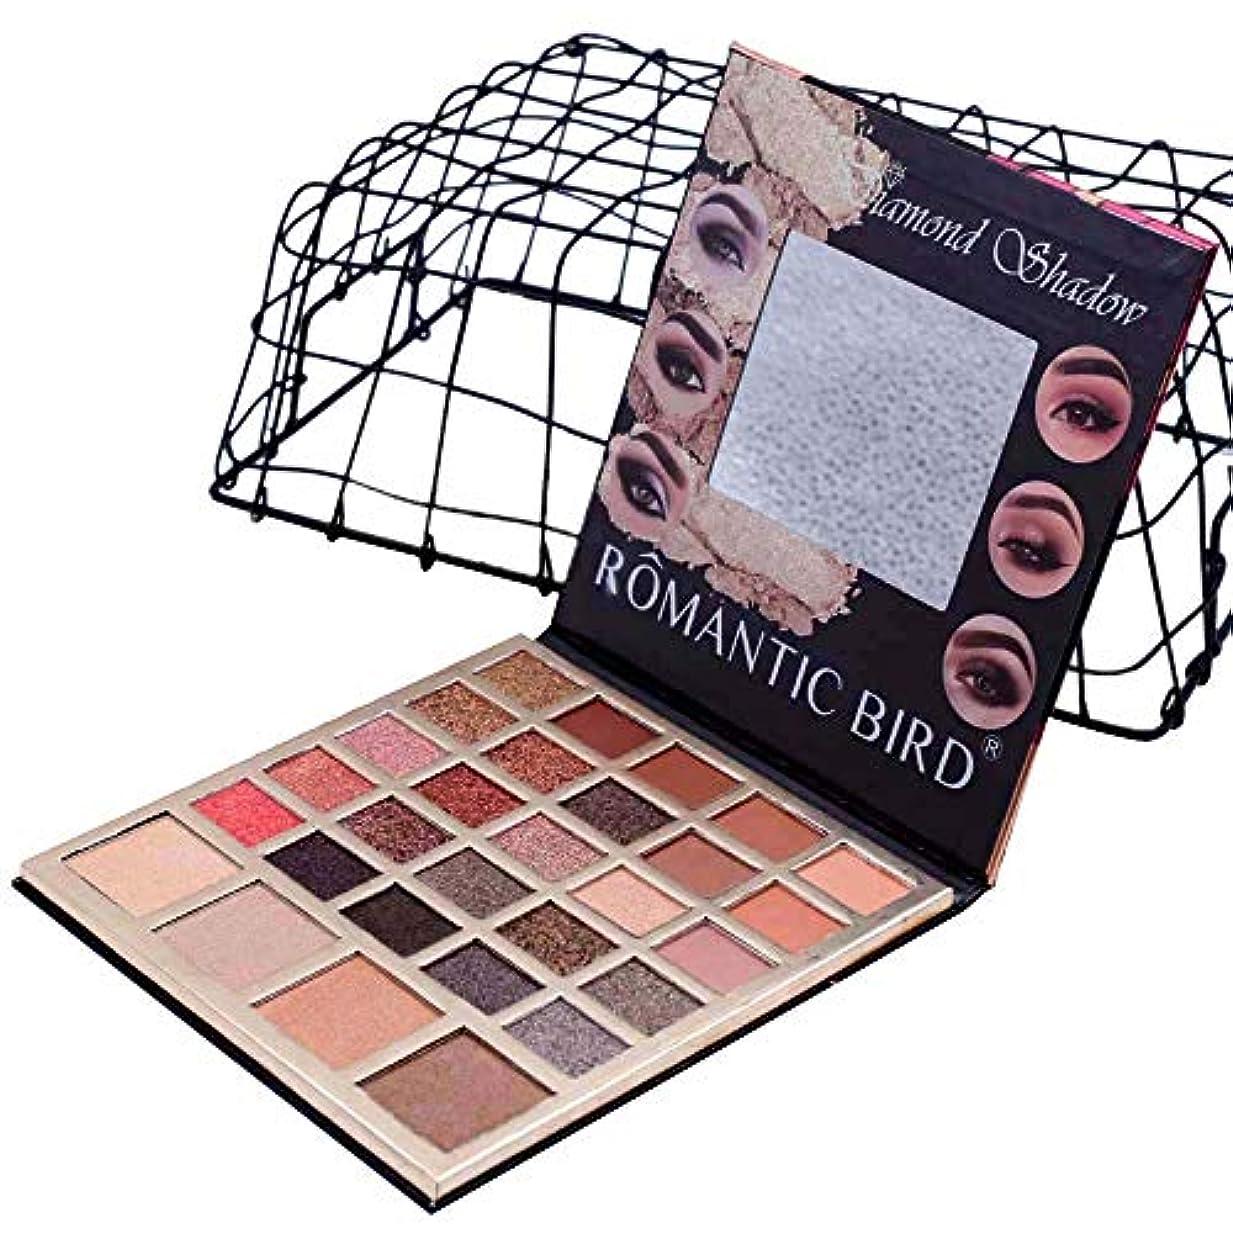 交換どちらもスポンサーAkane アイシャドウパレット ファッション ROMATIC BIRD 人気 魅力的 綺麗 キラキラ 防水 長持ち マット おしゃれ チャーム 落としにくい 持ち便利 Eye Shadow (29色) 8007